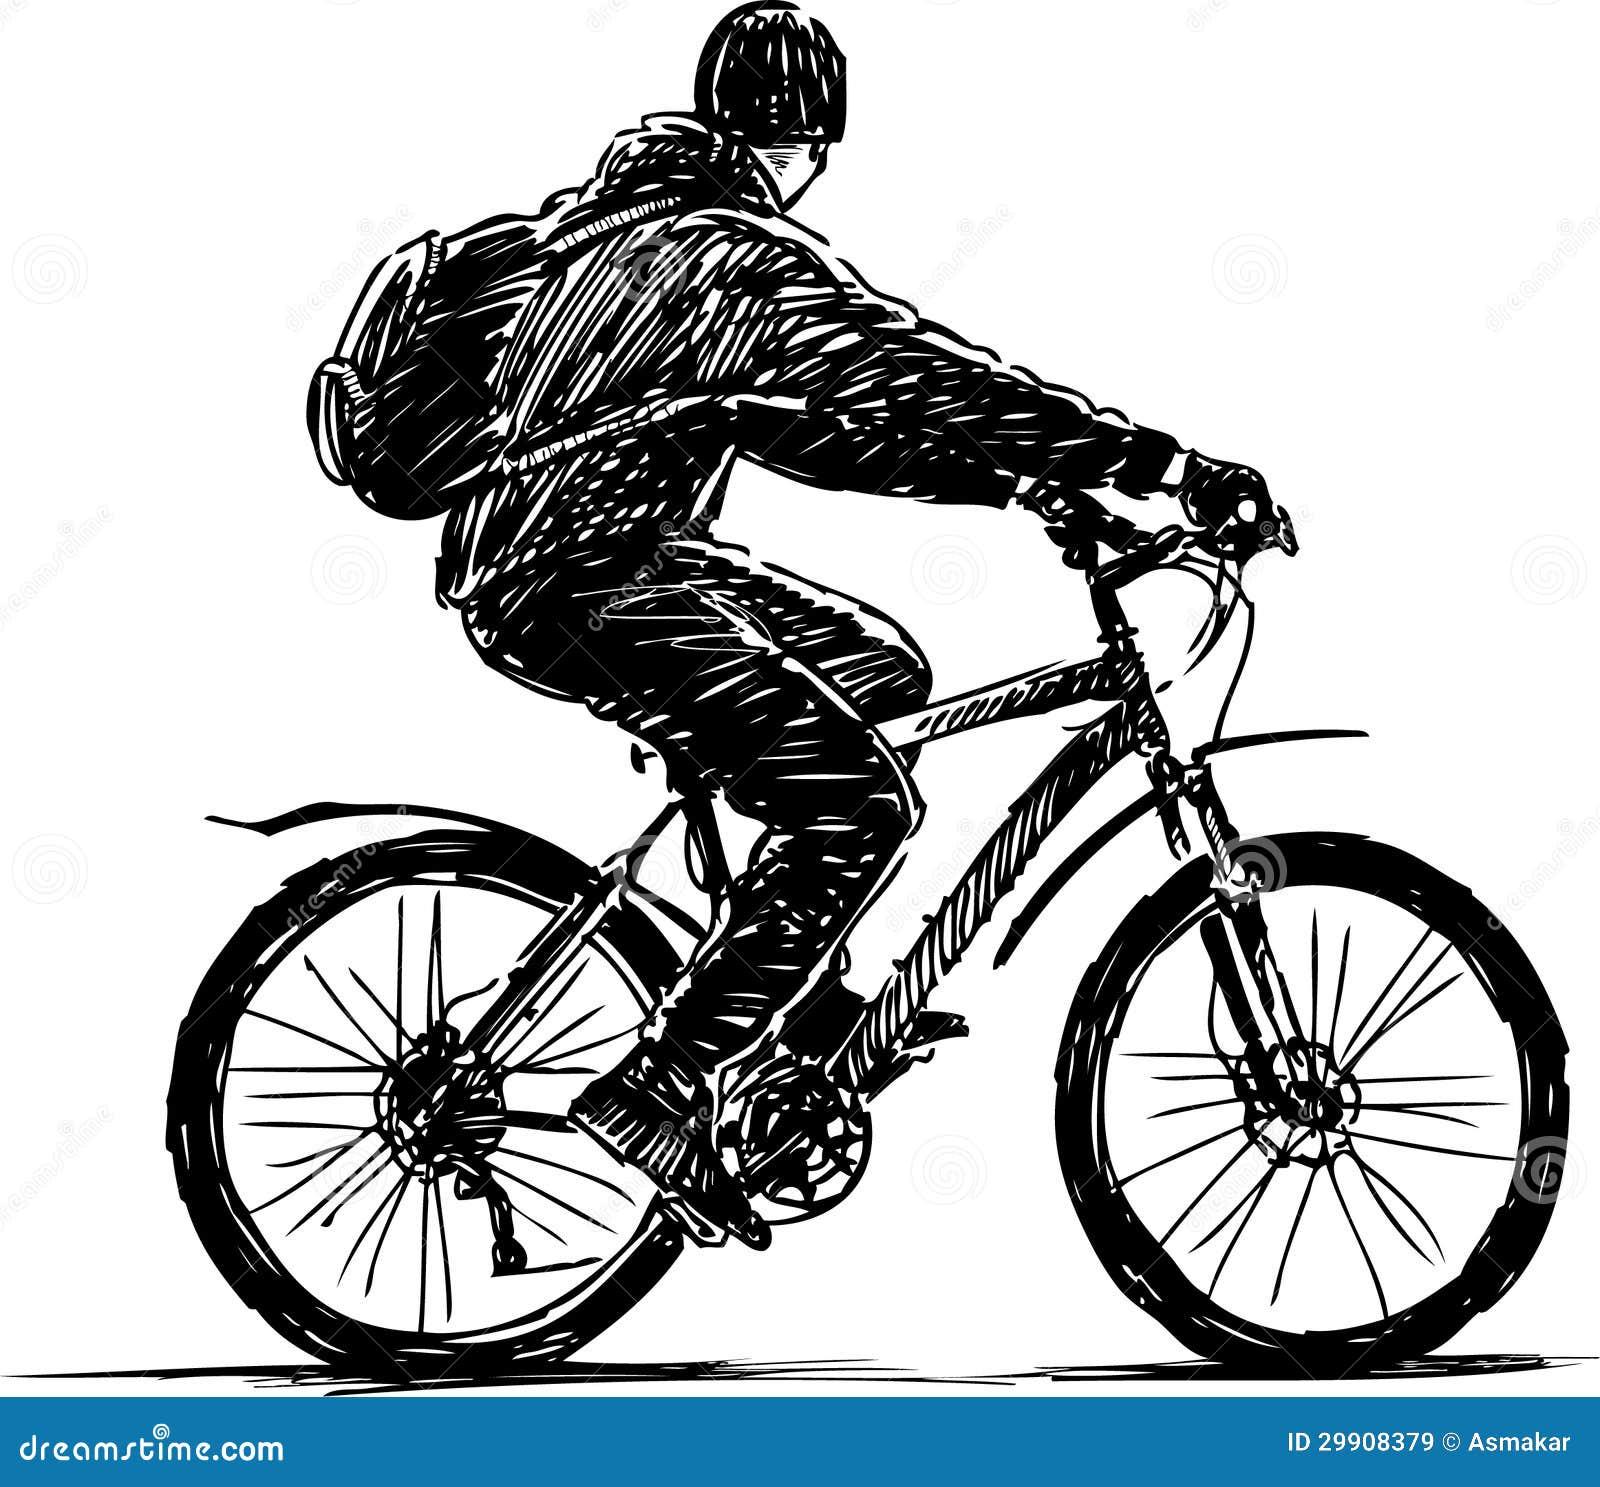 Favorito Ragazzo su una bici immagine stock. Immagine di mano - 29908379 GS64